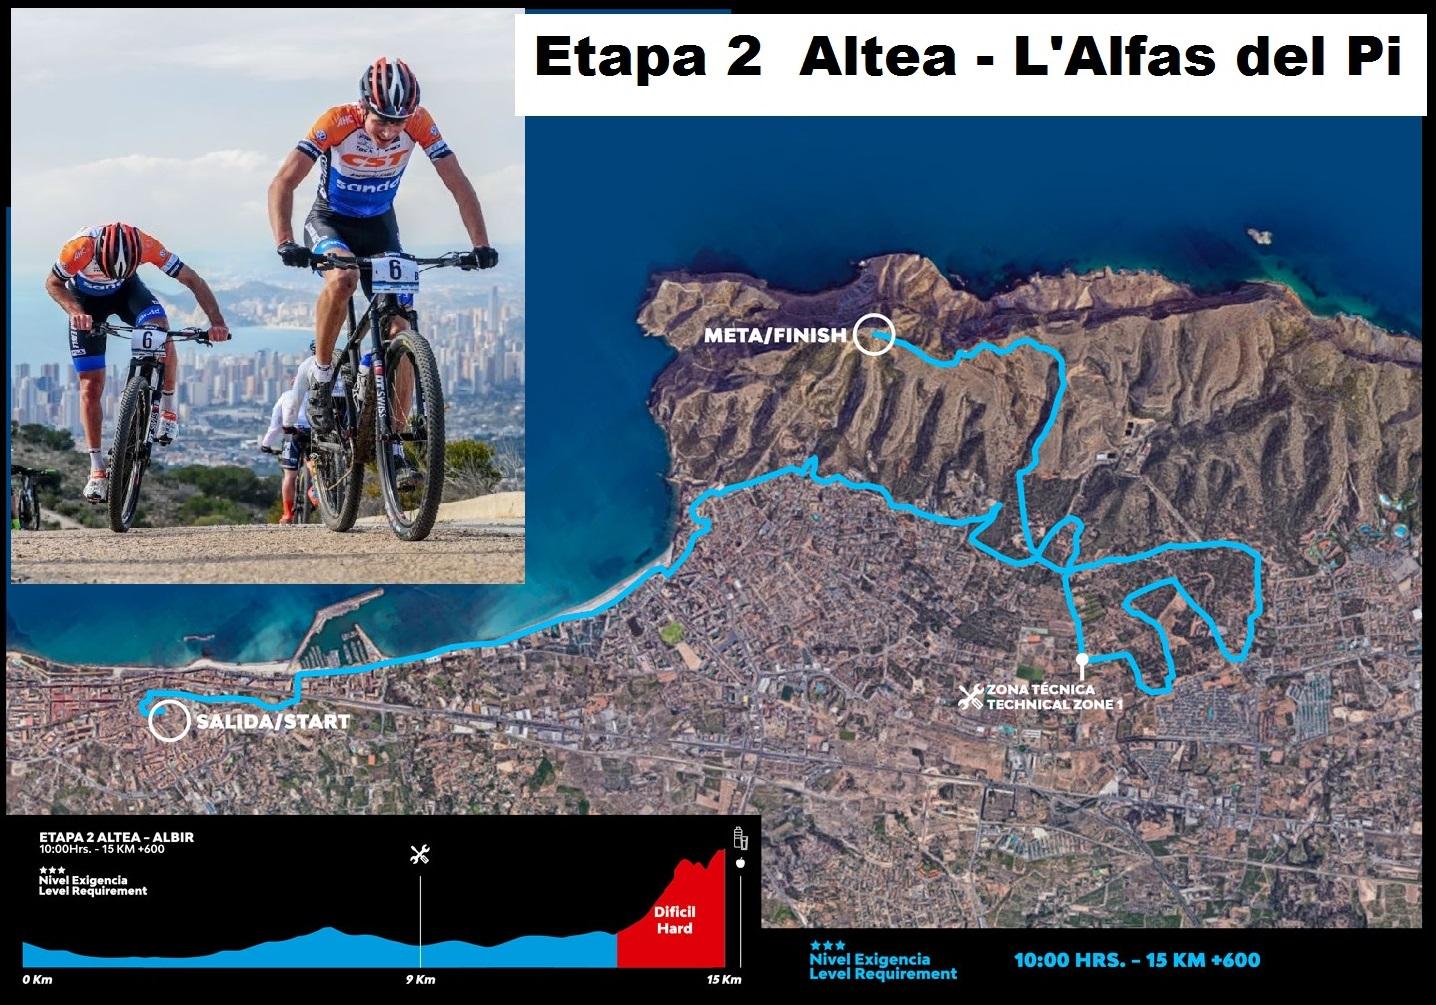 Vuelve la Costa Blanca Bike Race a la Marina Baixa con la etapa más dura entre Altea y la cima  de Sierra Helada.